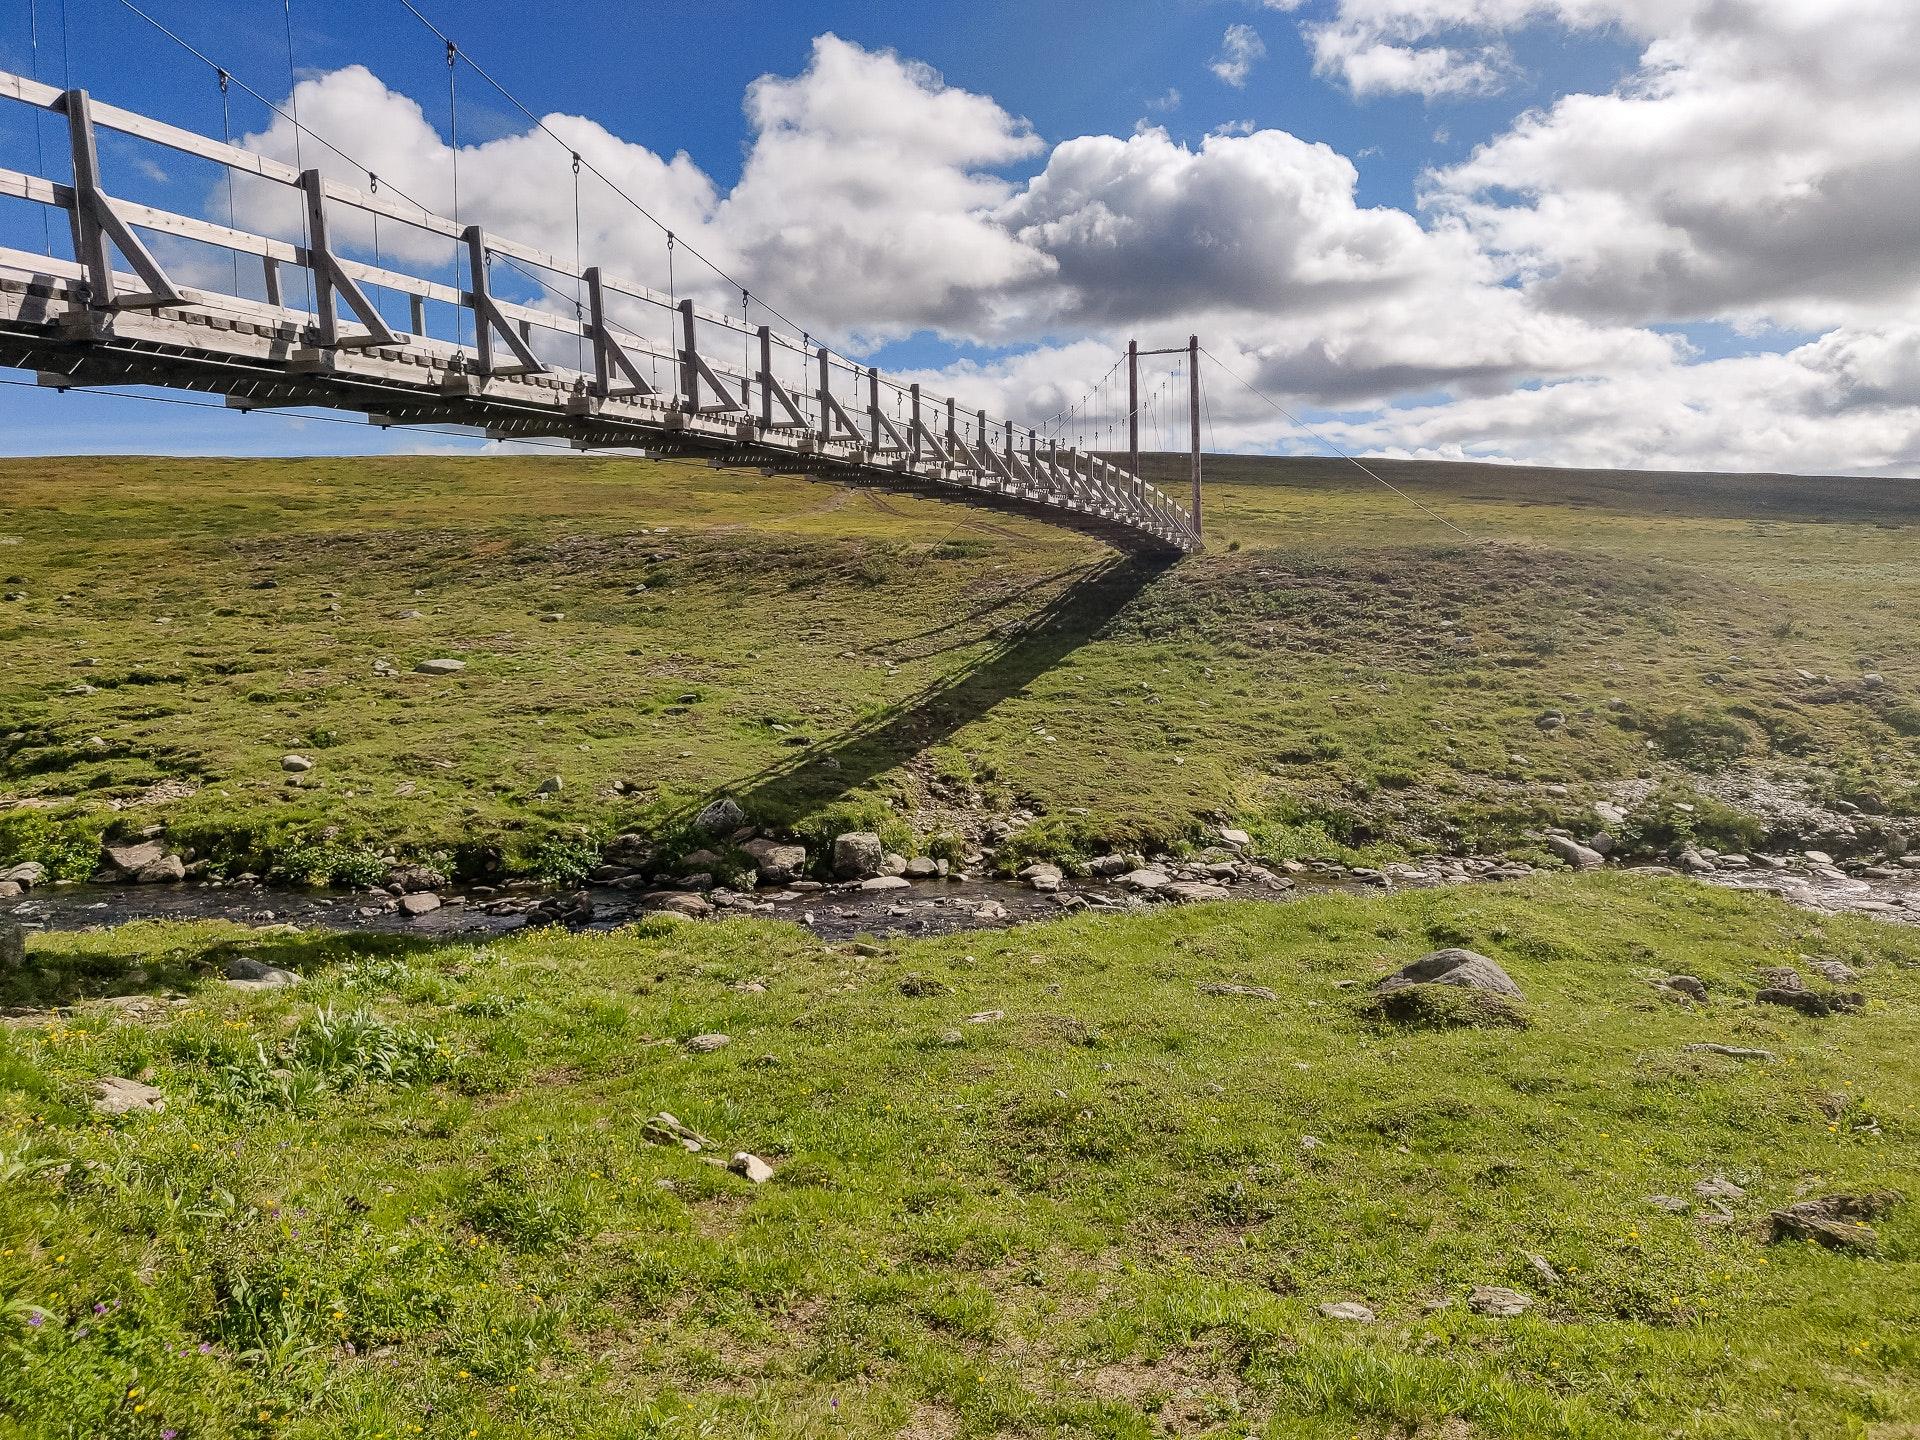 Lisvuojávrrie Bridge